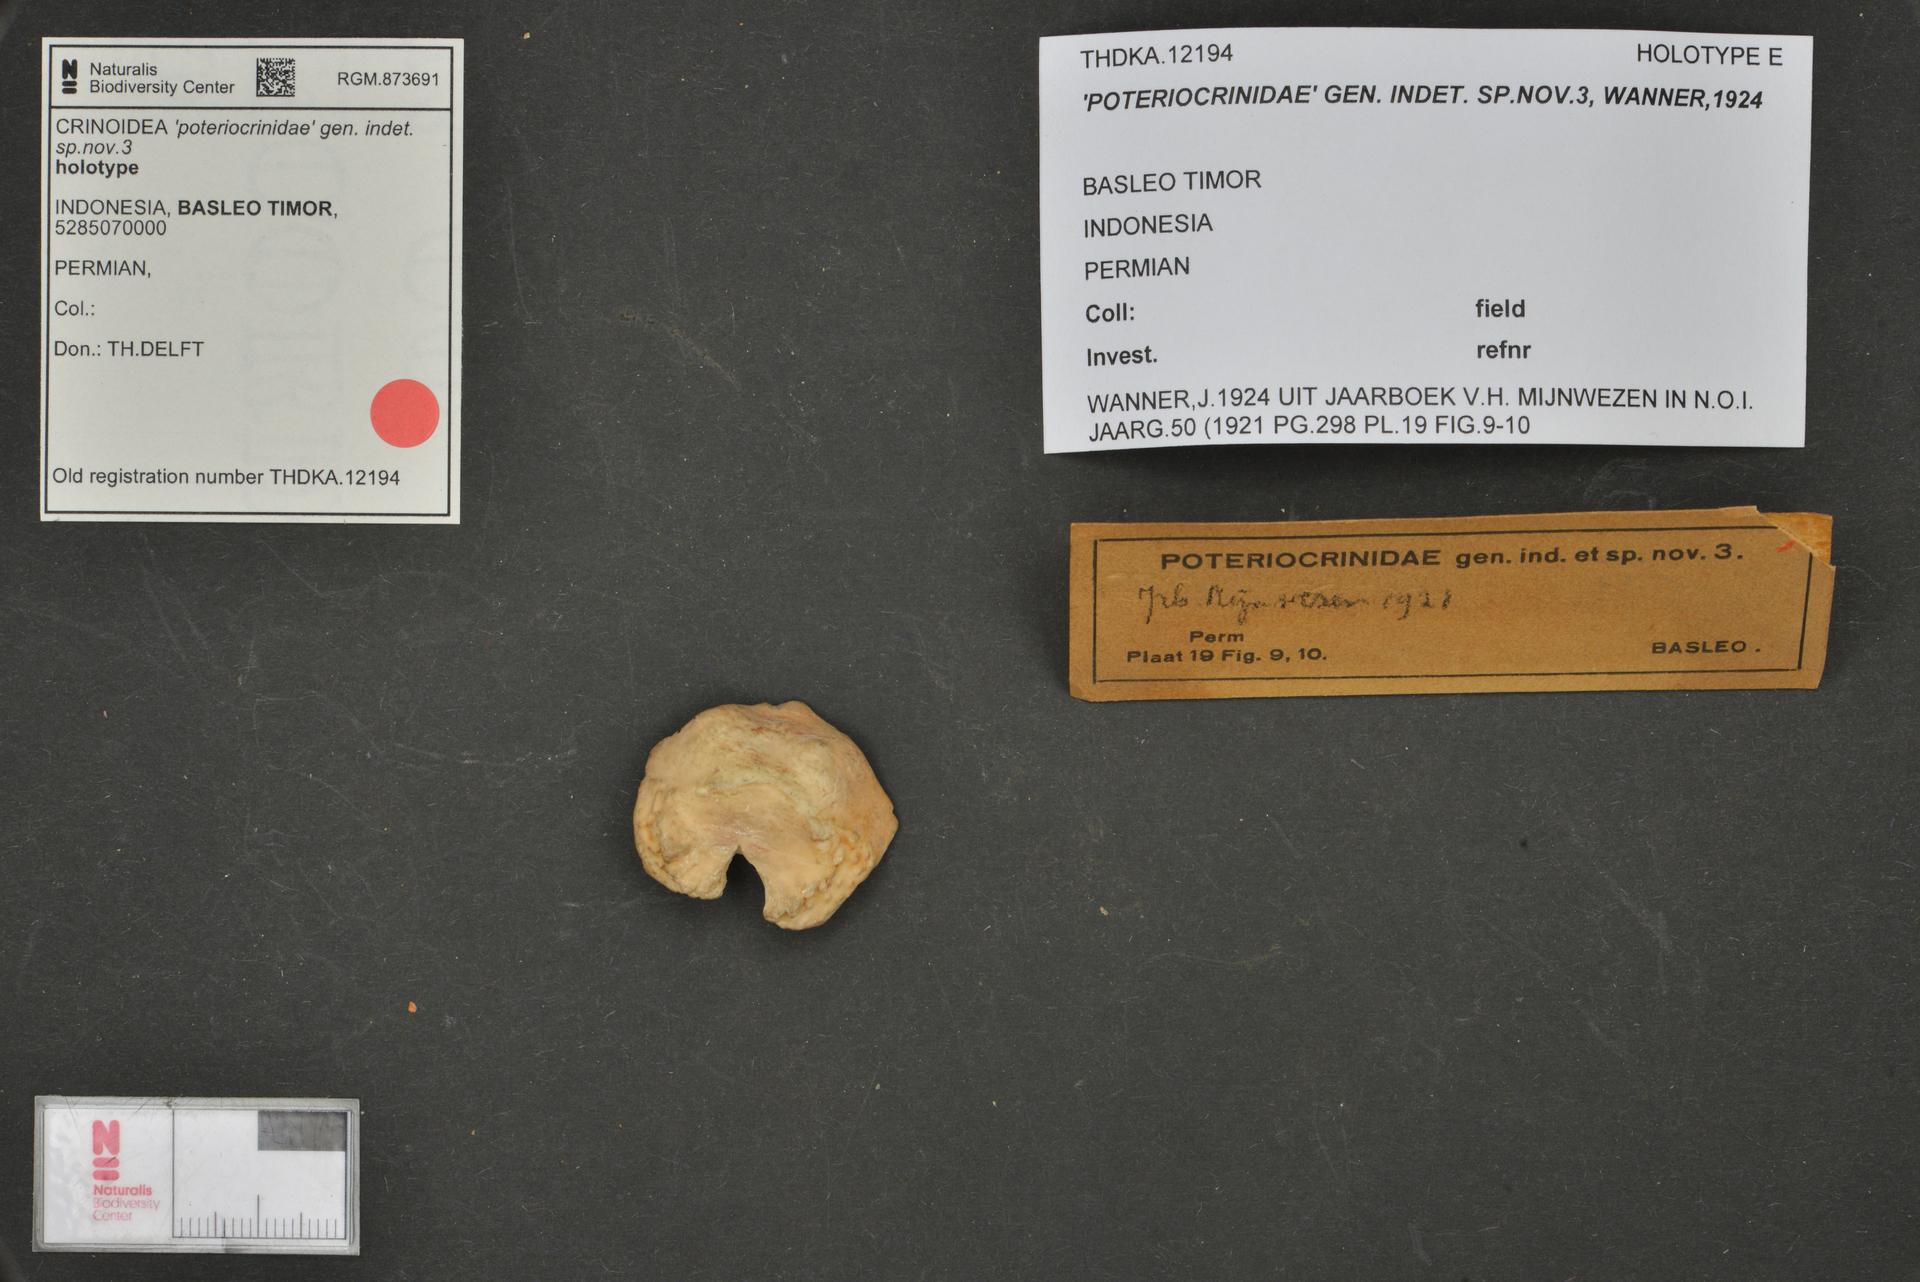 RGM.873691 | 'poteriocrinidae' gen. indet. sp.nov.3